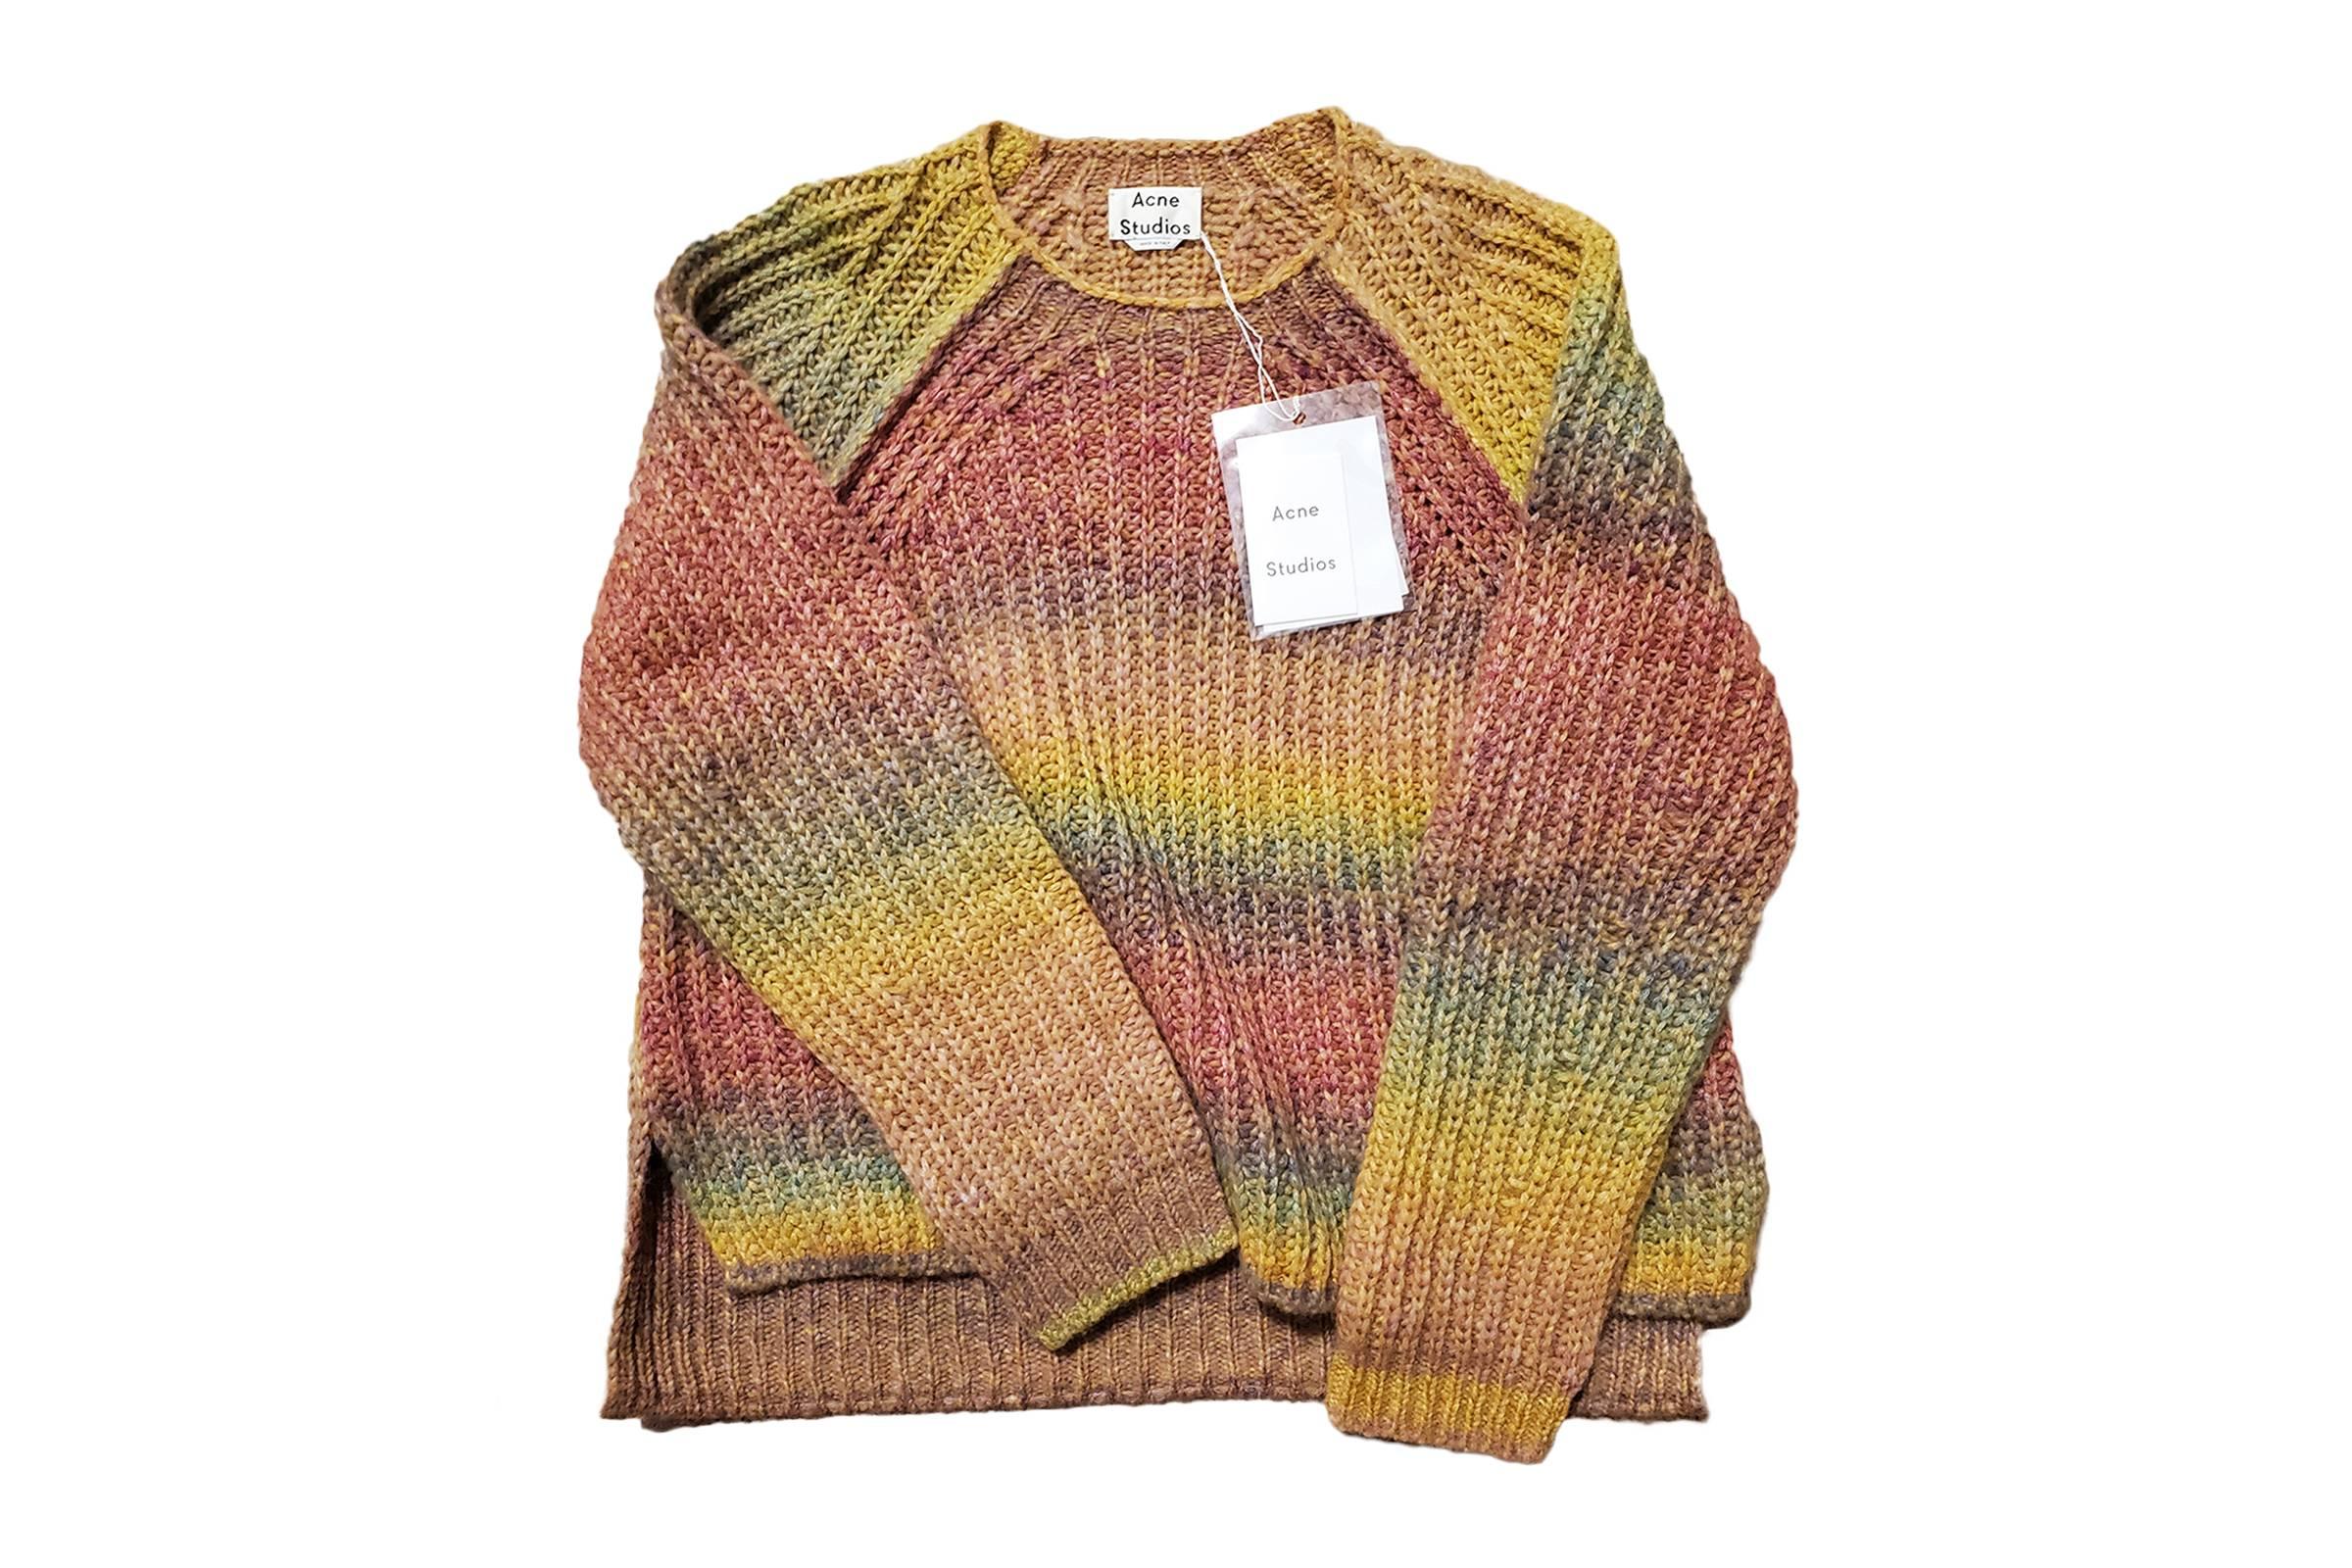 Acne Studios Fall/Winter 2019 Multicolor Ombré Knit Raglan Sweater